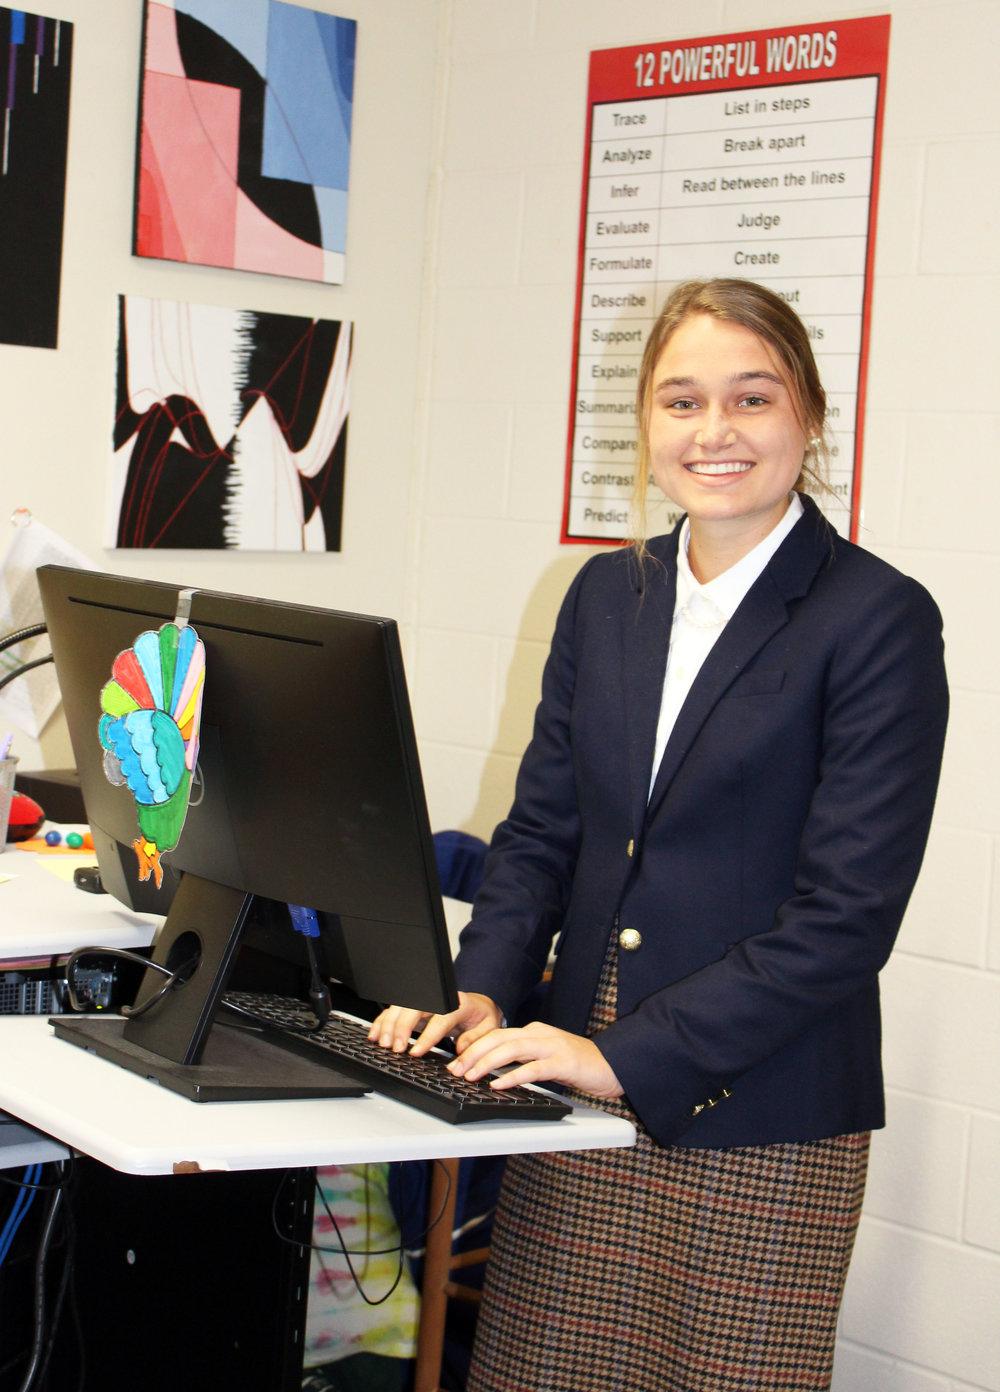 Lizzie Weichel during her senior project presentation.